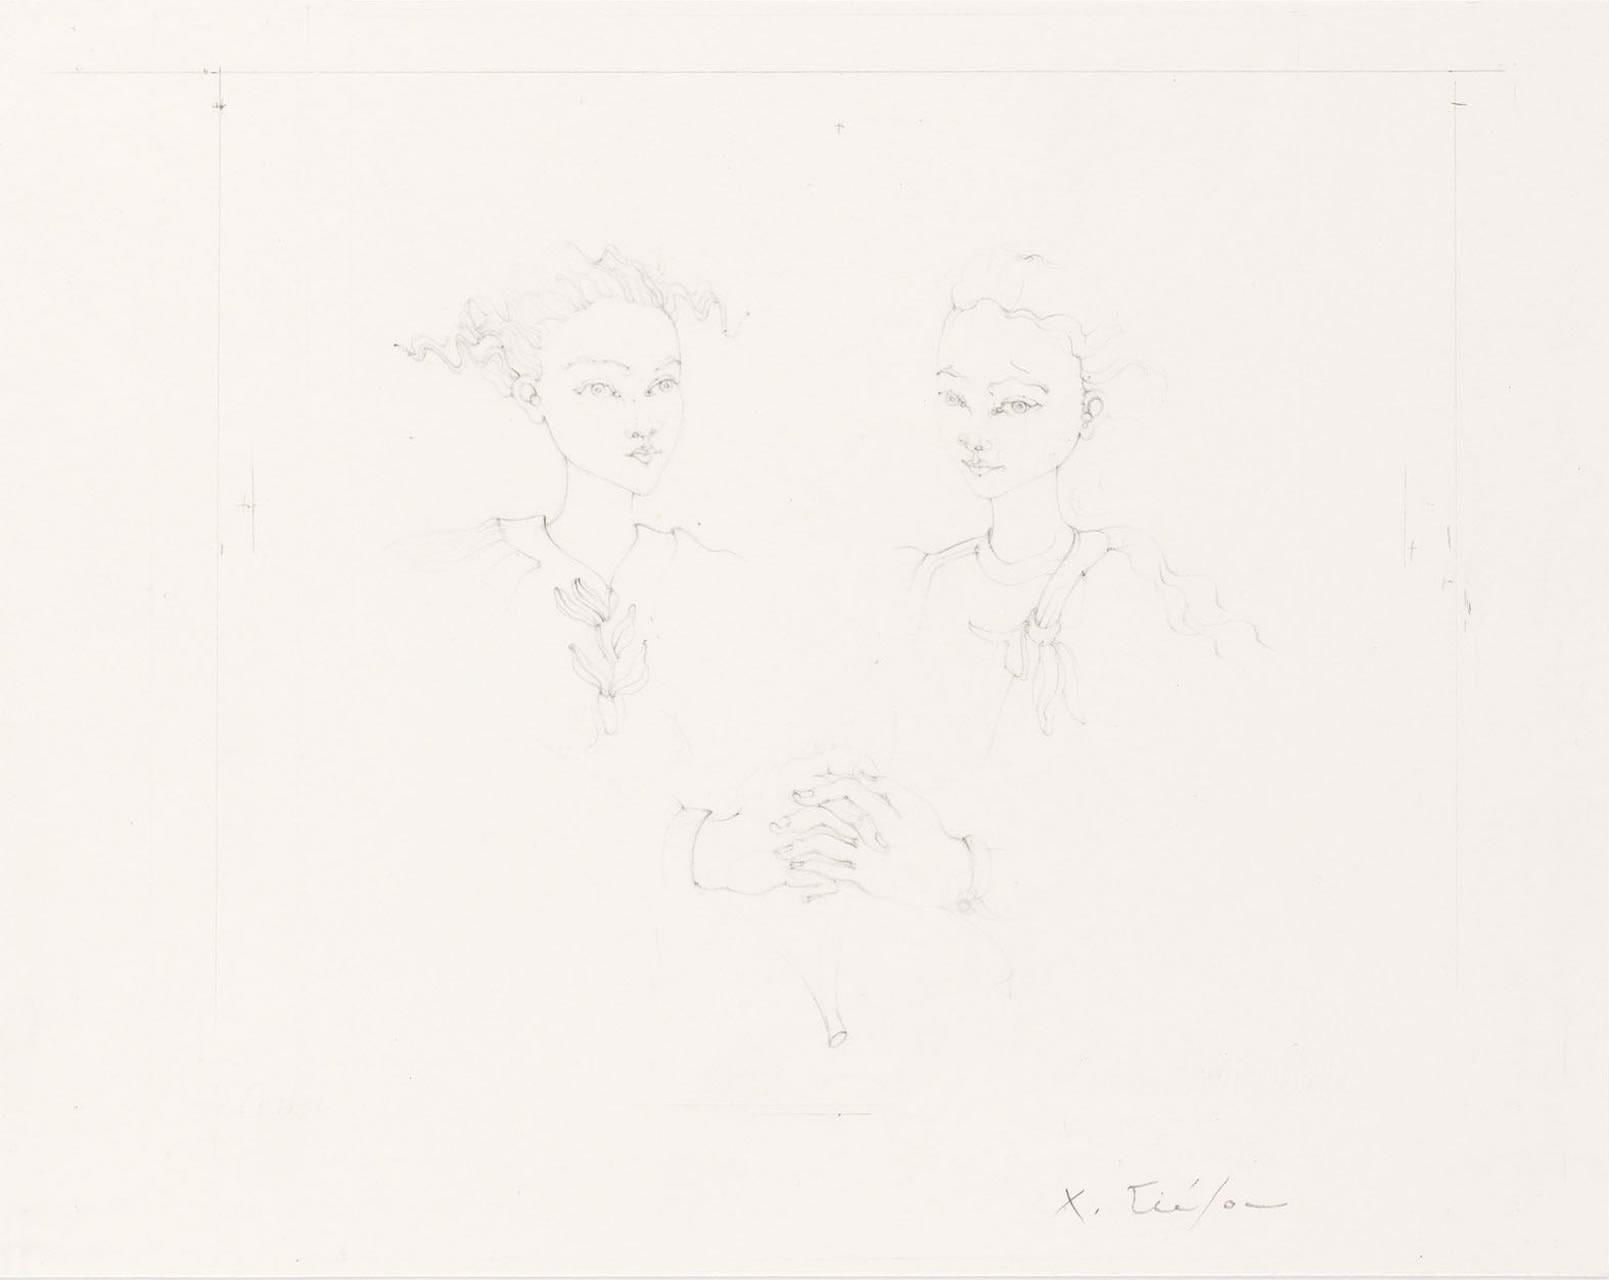 """<div class=""""artwork_caption""""><p>Double Cherry, 2008</p></div>"""